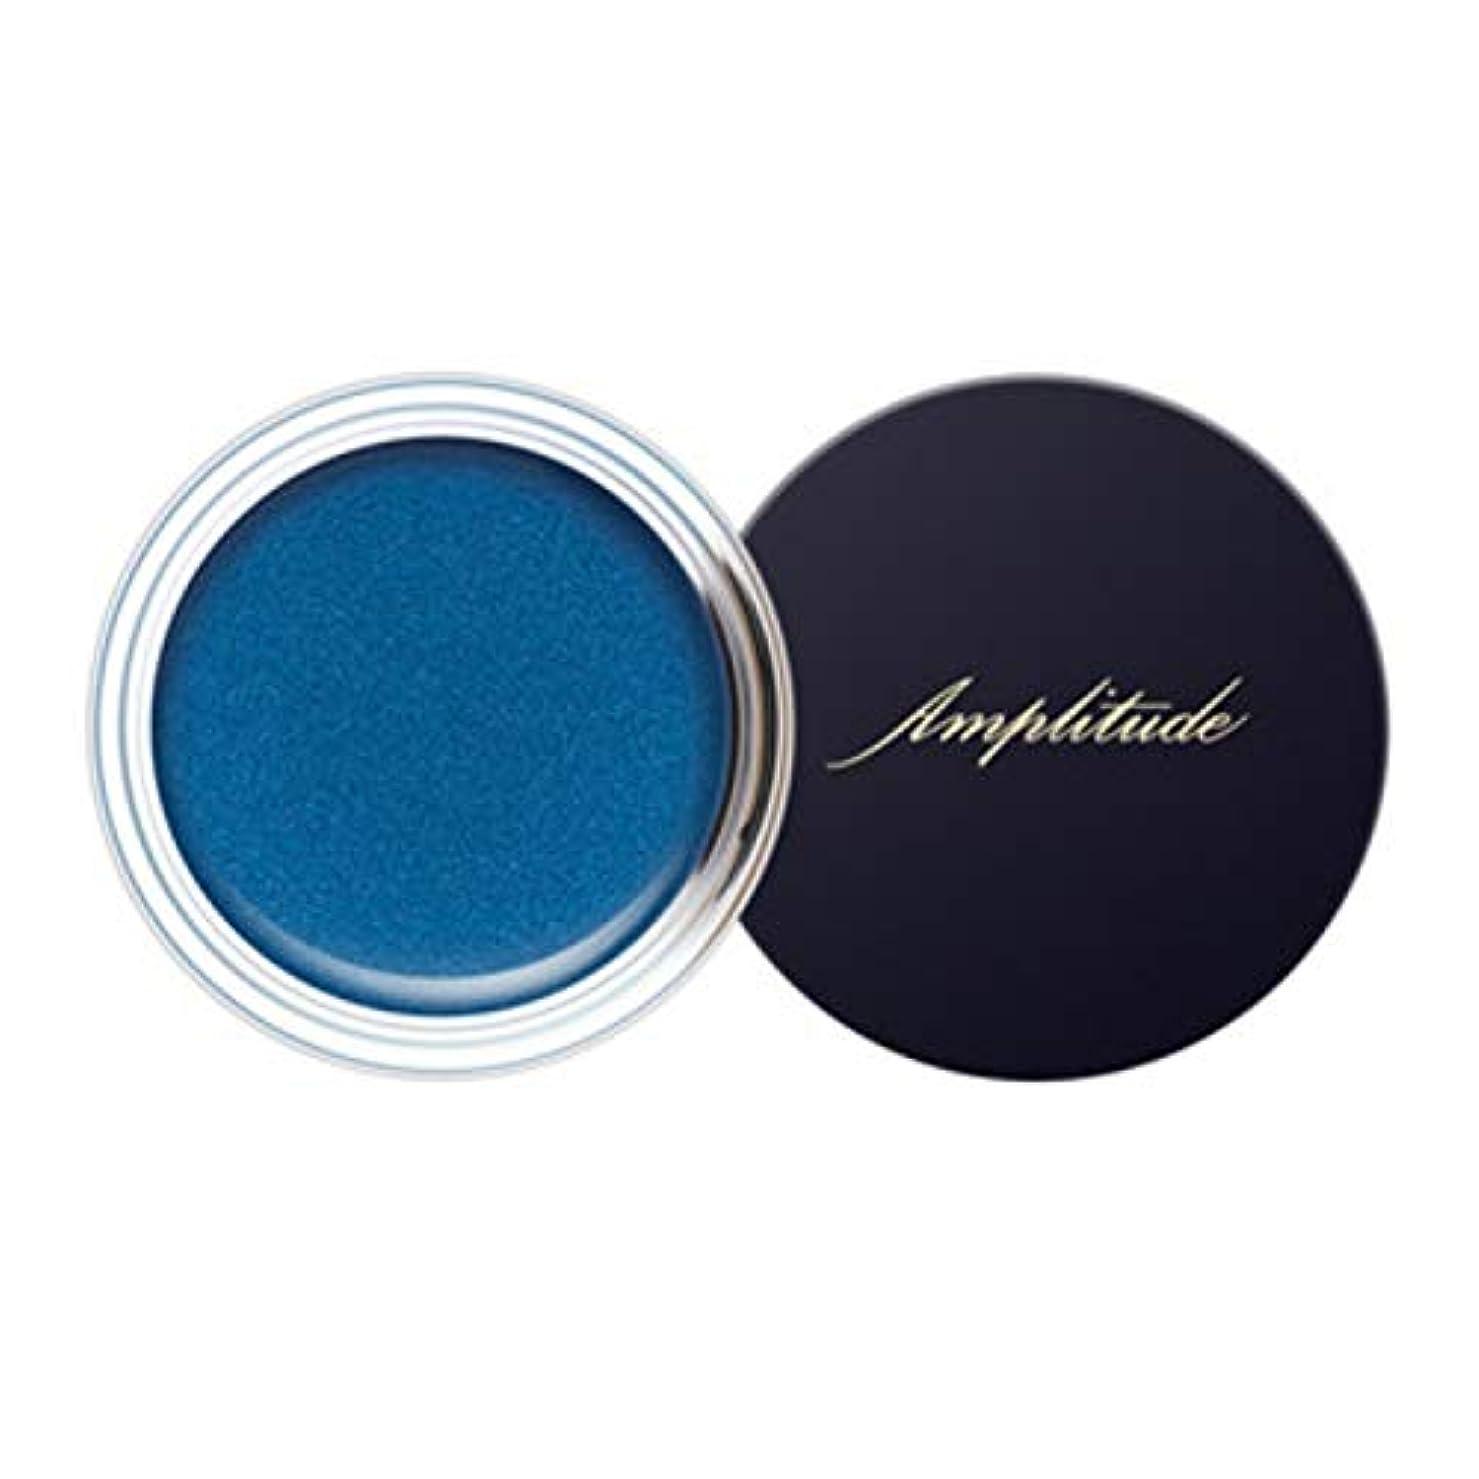 言い聞かせる説明山Amplitude アンプリチュード コンスピキュアス クリームアイズ 04 ブルー